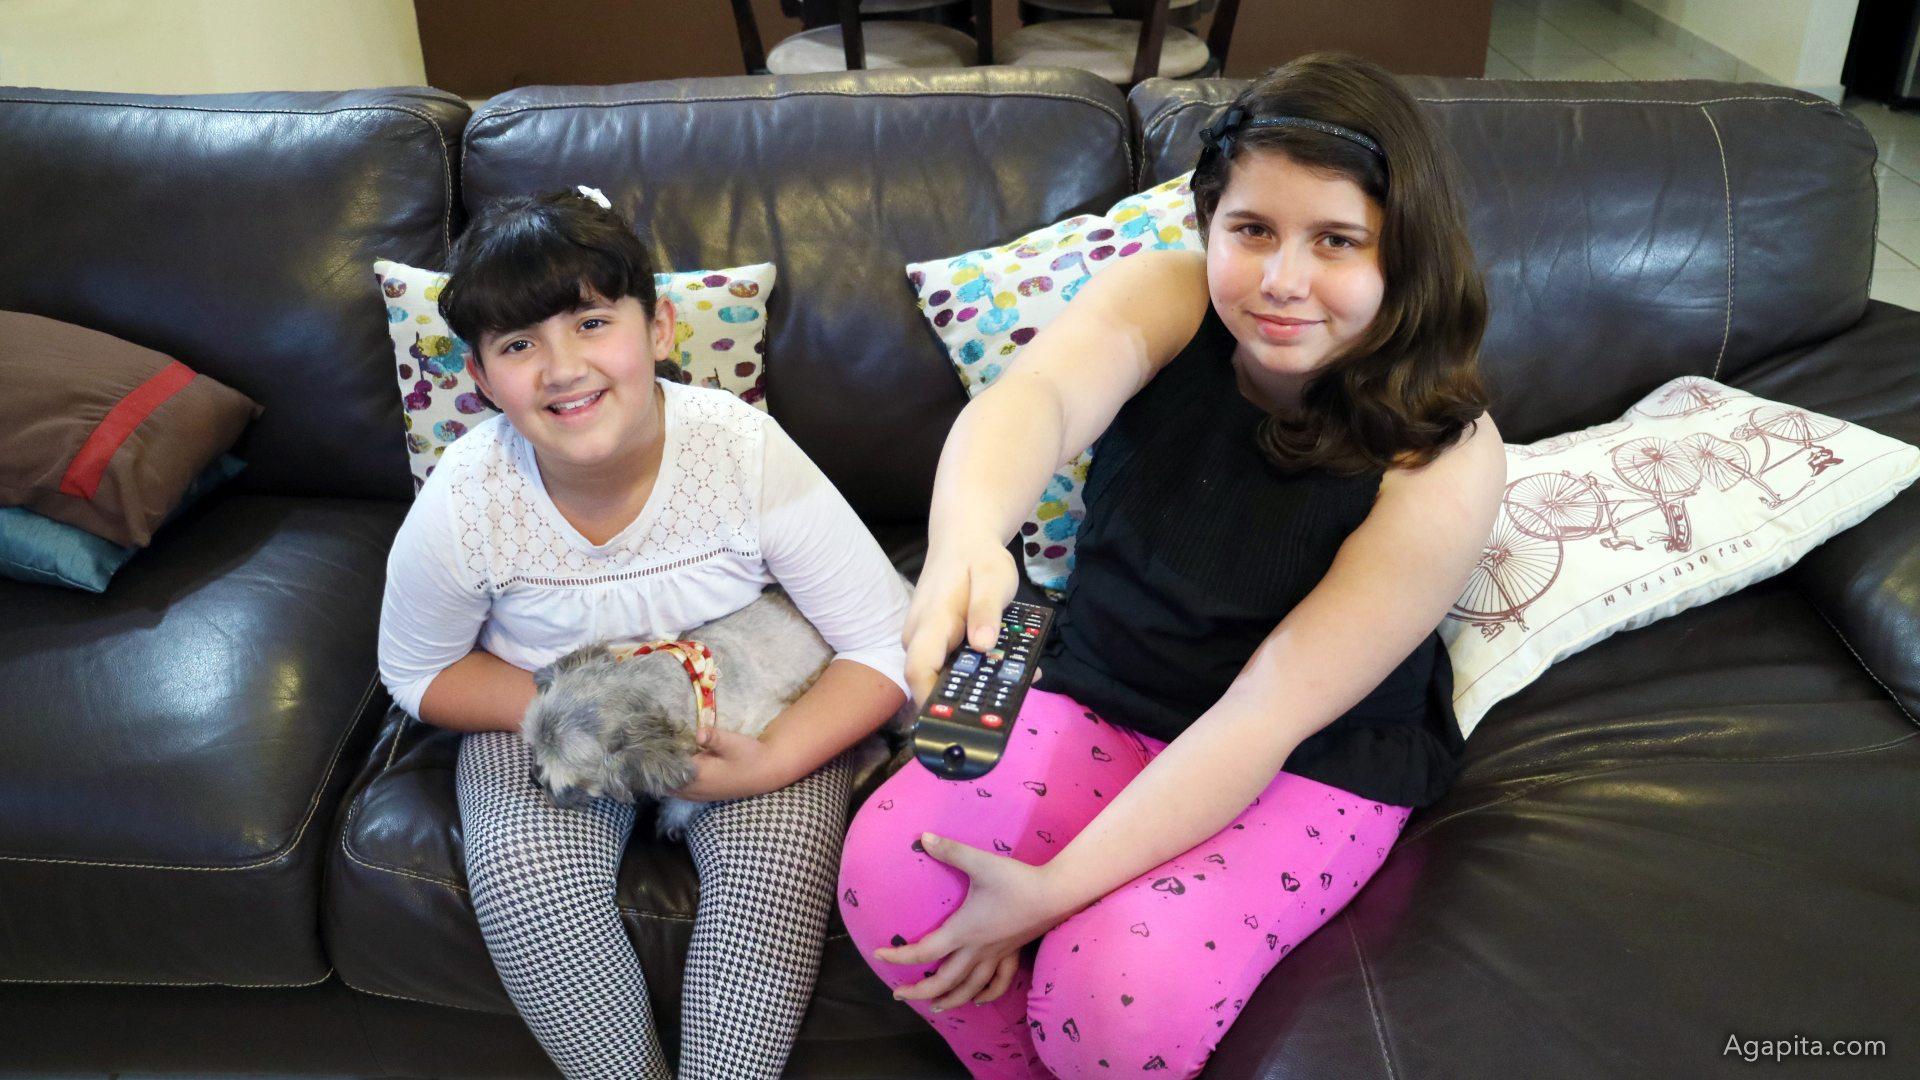 Joyli y Jarelis en el sofa viendo U-Pick de Liberty